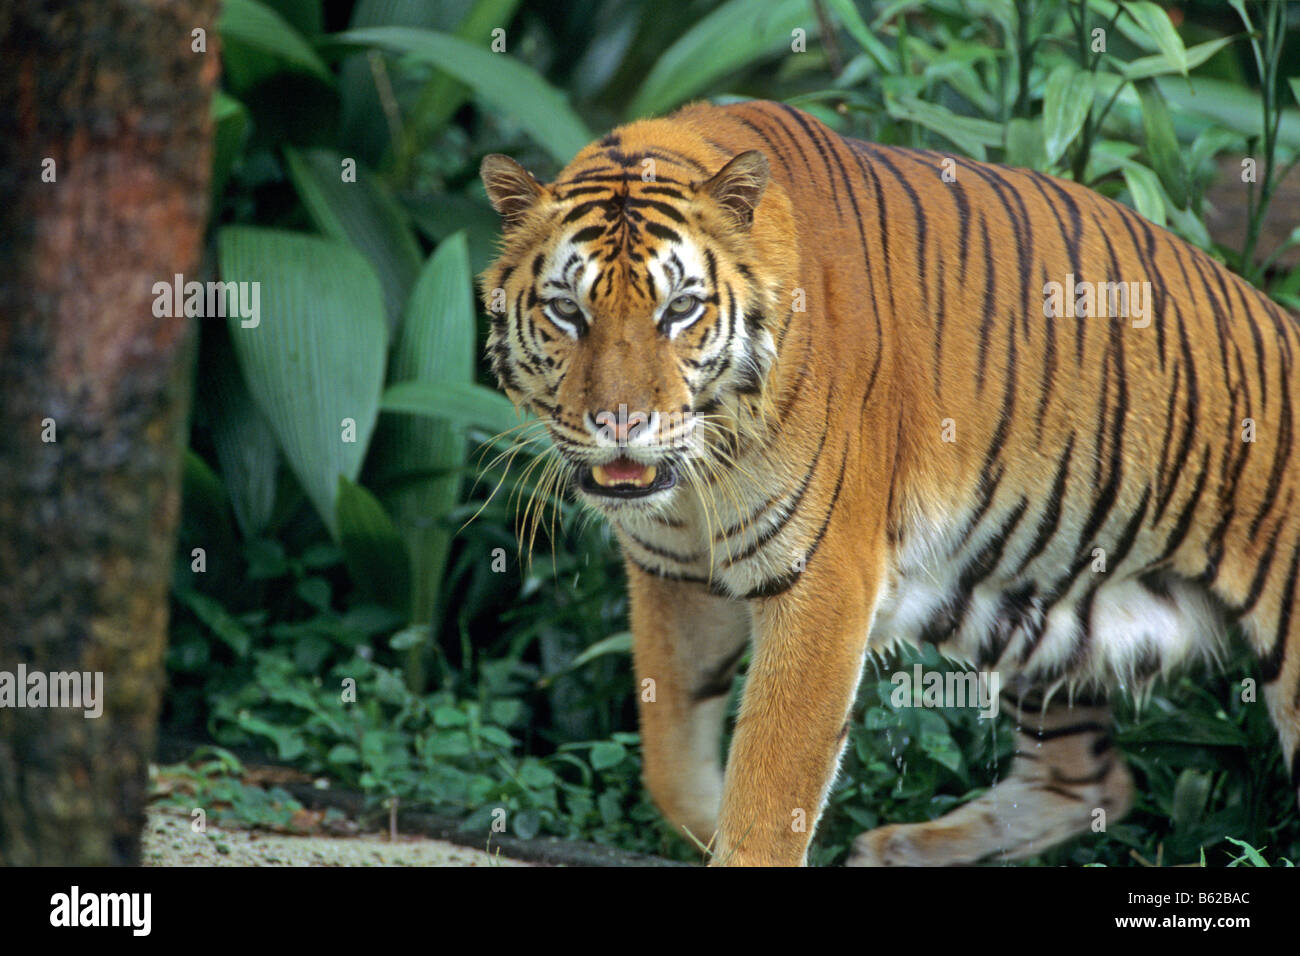 La tigre di Sumatra (Panthera tigris sumatrae) a piedi nella giungla Immagini Stock